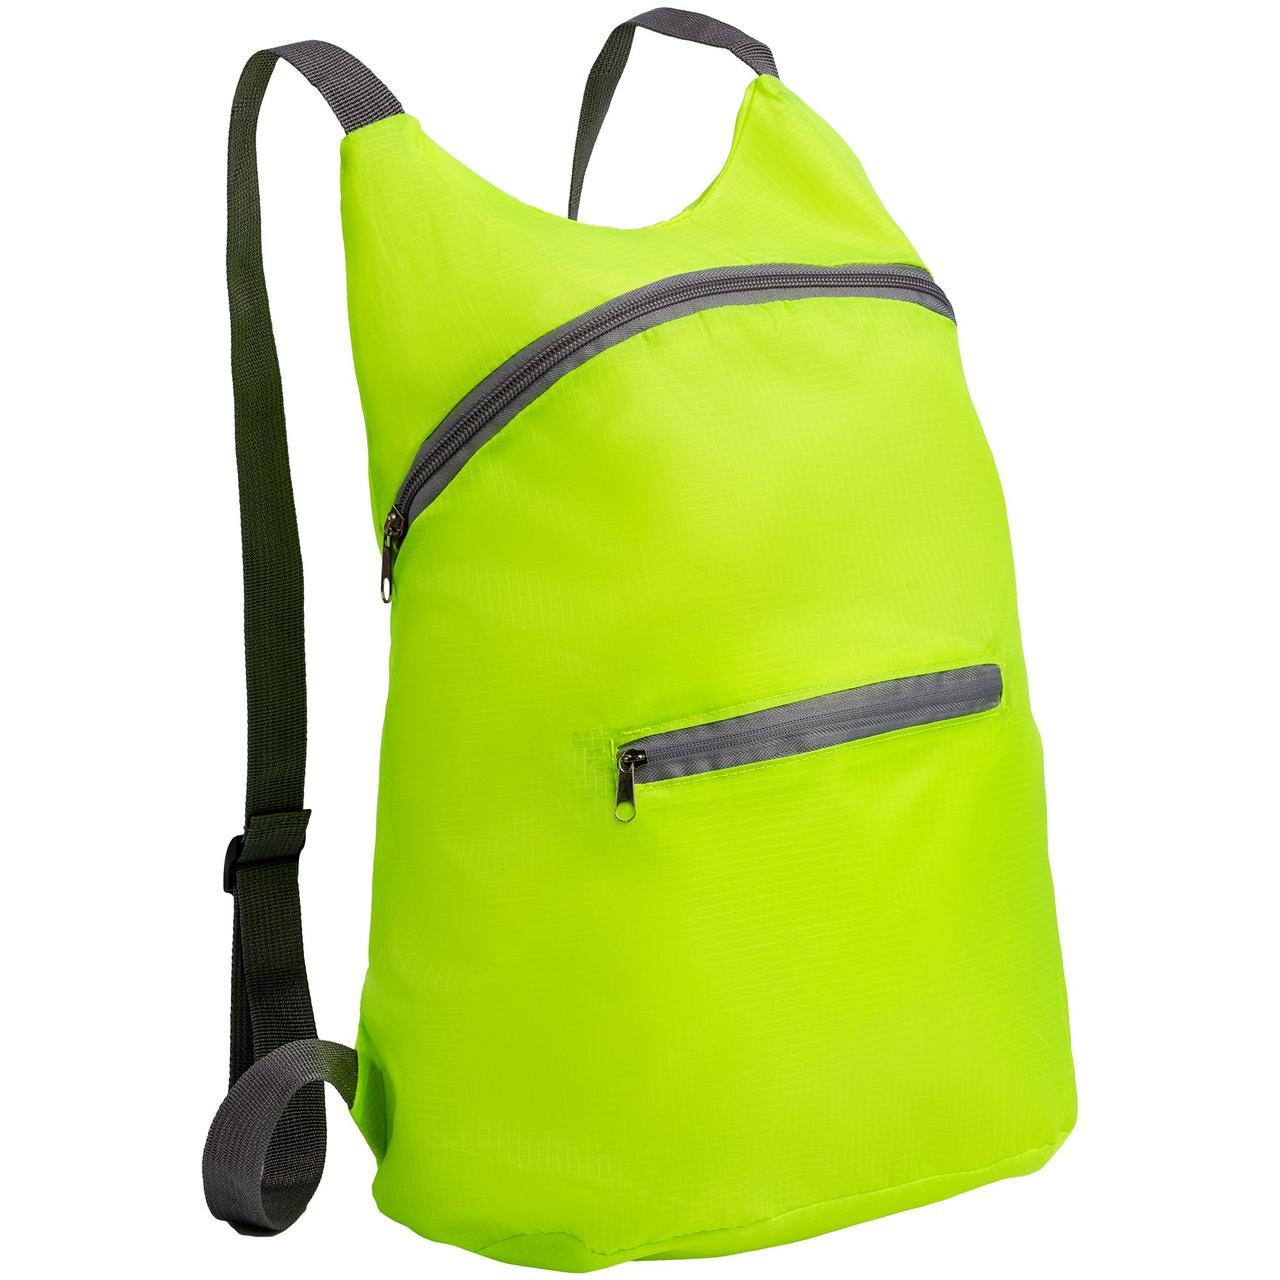 Складной рюкзак Barcelona, салатовый (артикул 12672.90)